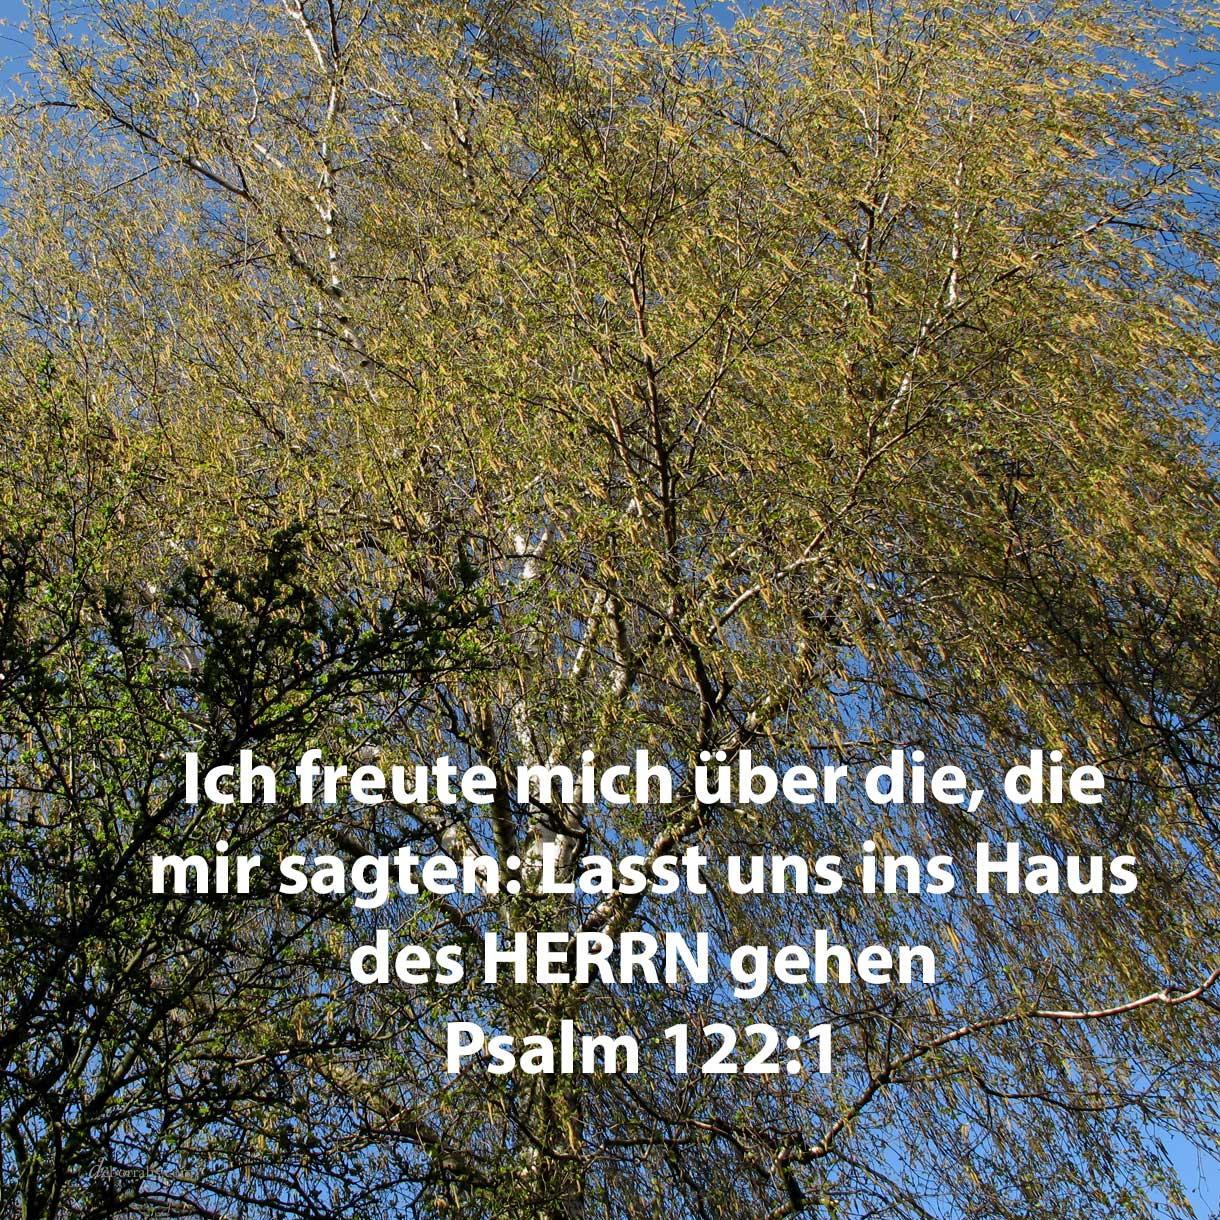 Ich freute mich über die, so mir sagten: Lasst uns ins Haus des Herrn gehen! ( Psalm 122,1 )